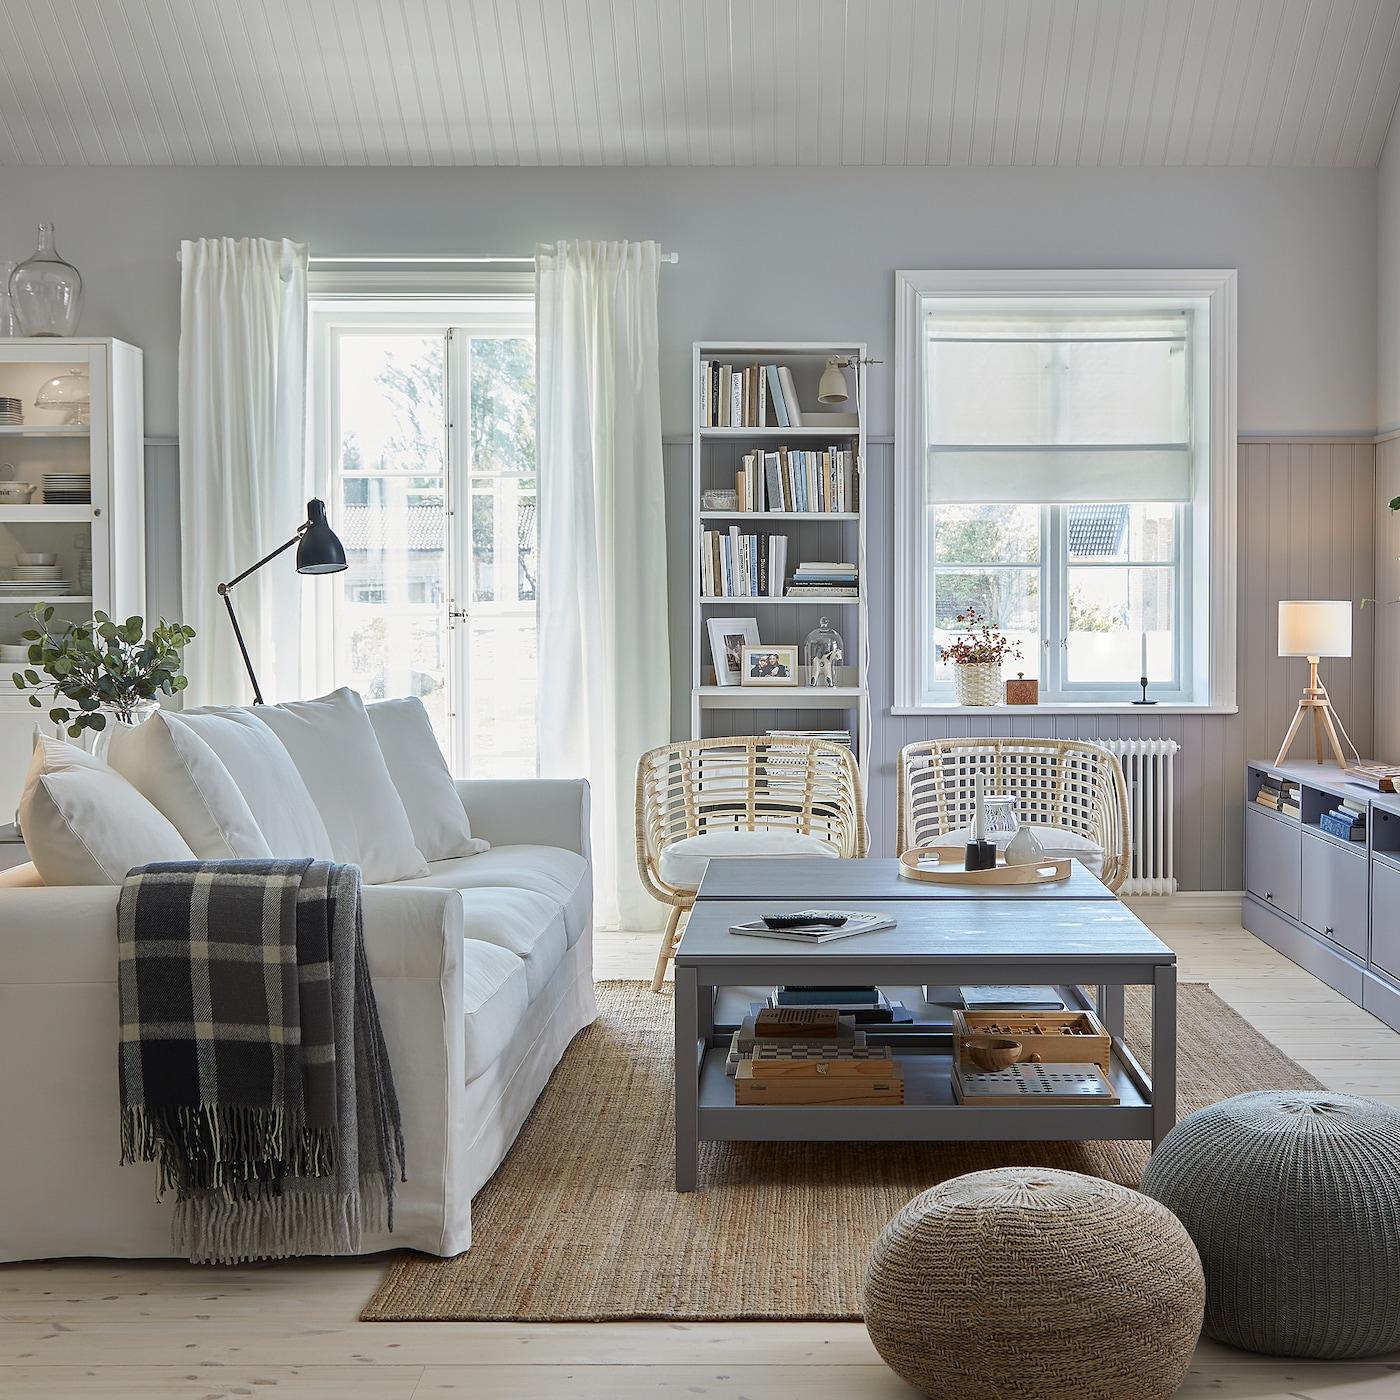 غرفة جلوس تقليدية تضم كنبة بيضاء وسجادة مصنوعة من الجوت وطاولتي قهوة بلون رمادي وطاولة تلفاز رمادية ووحدتي كراسي بذراعين من الروطان.